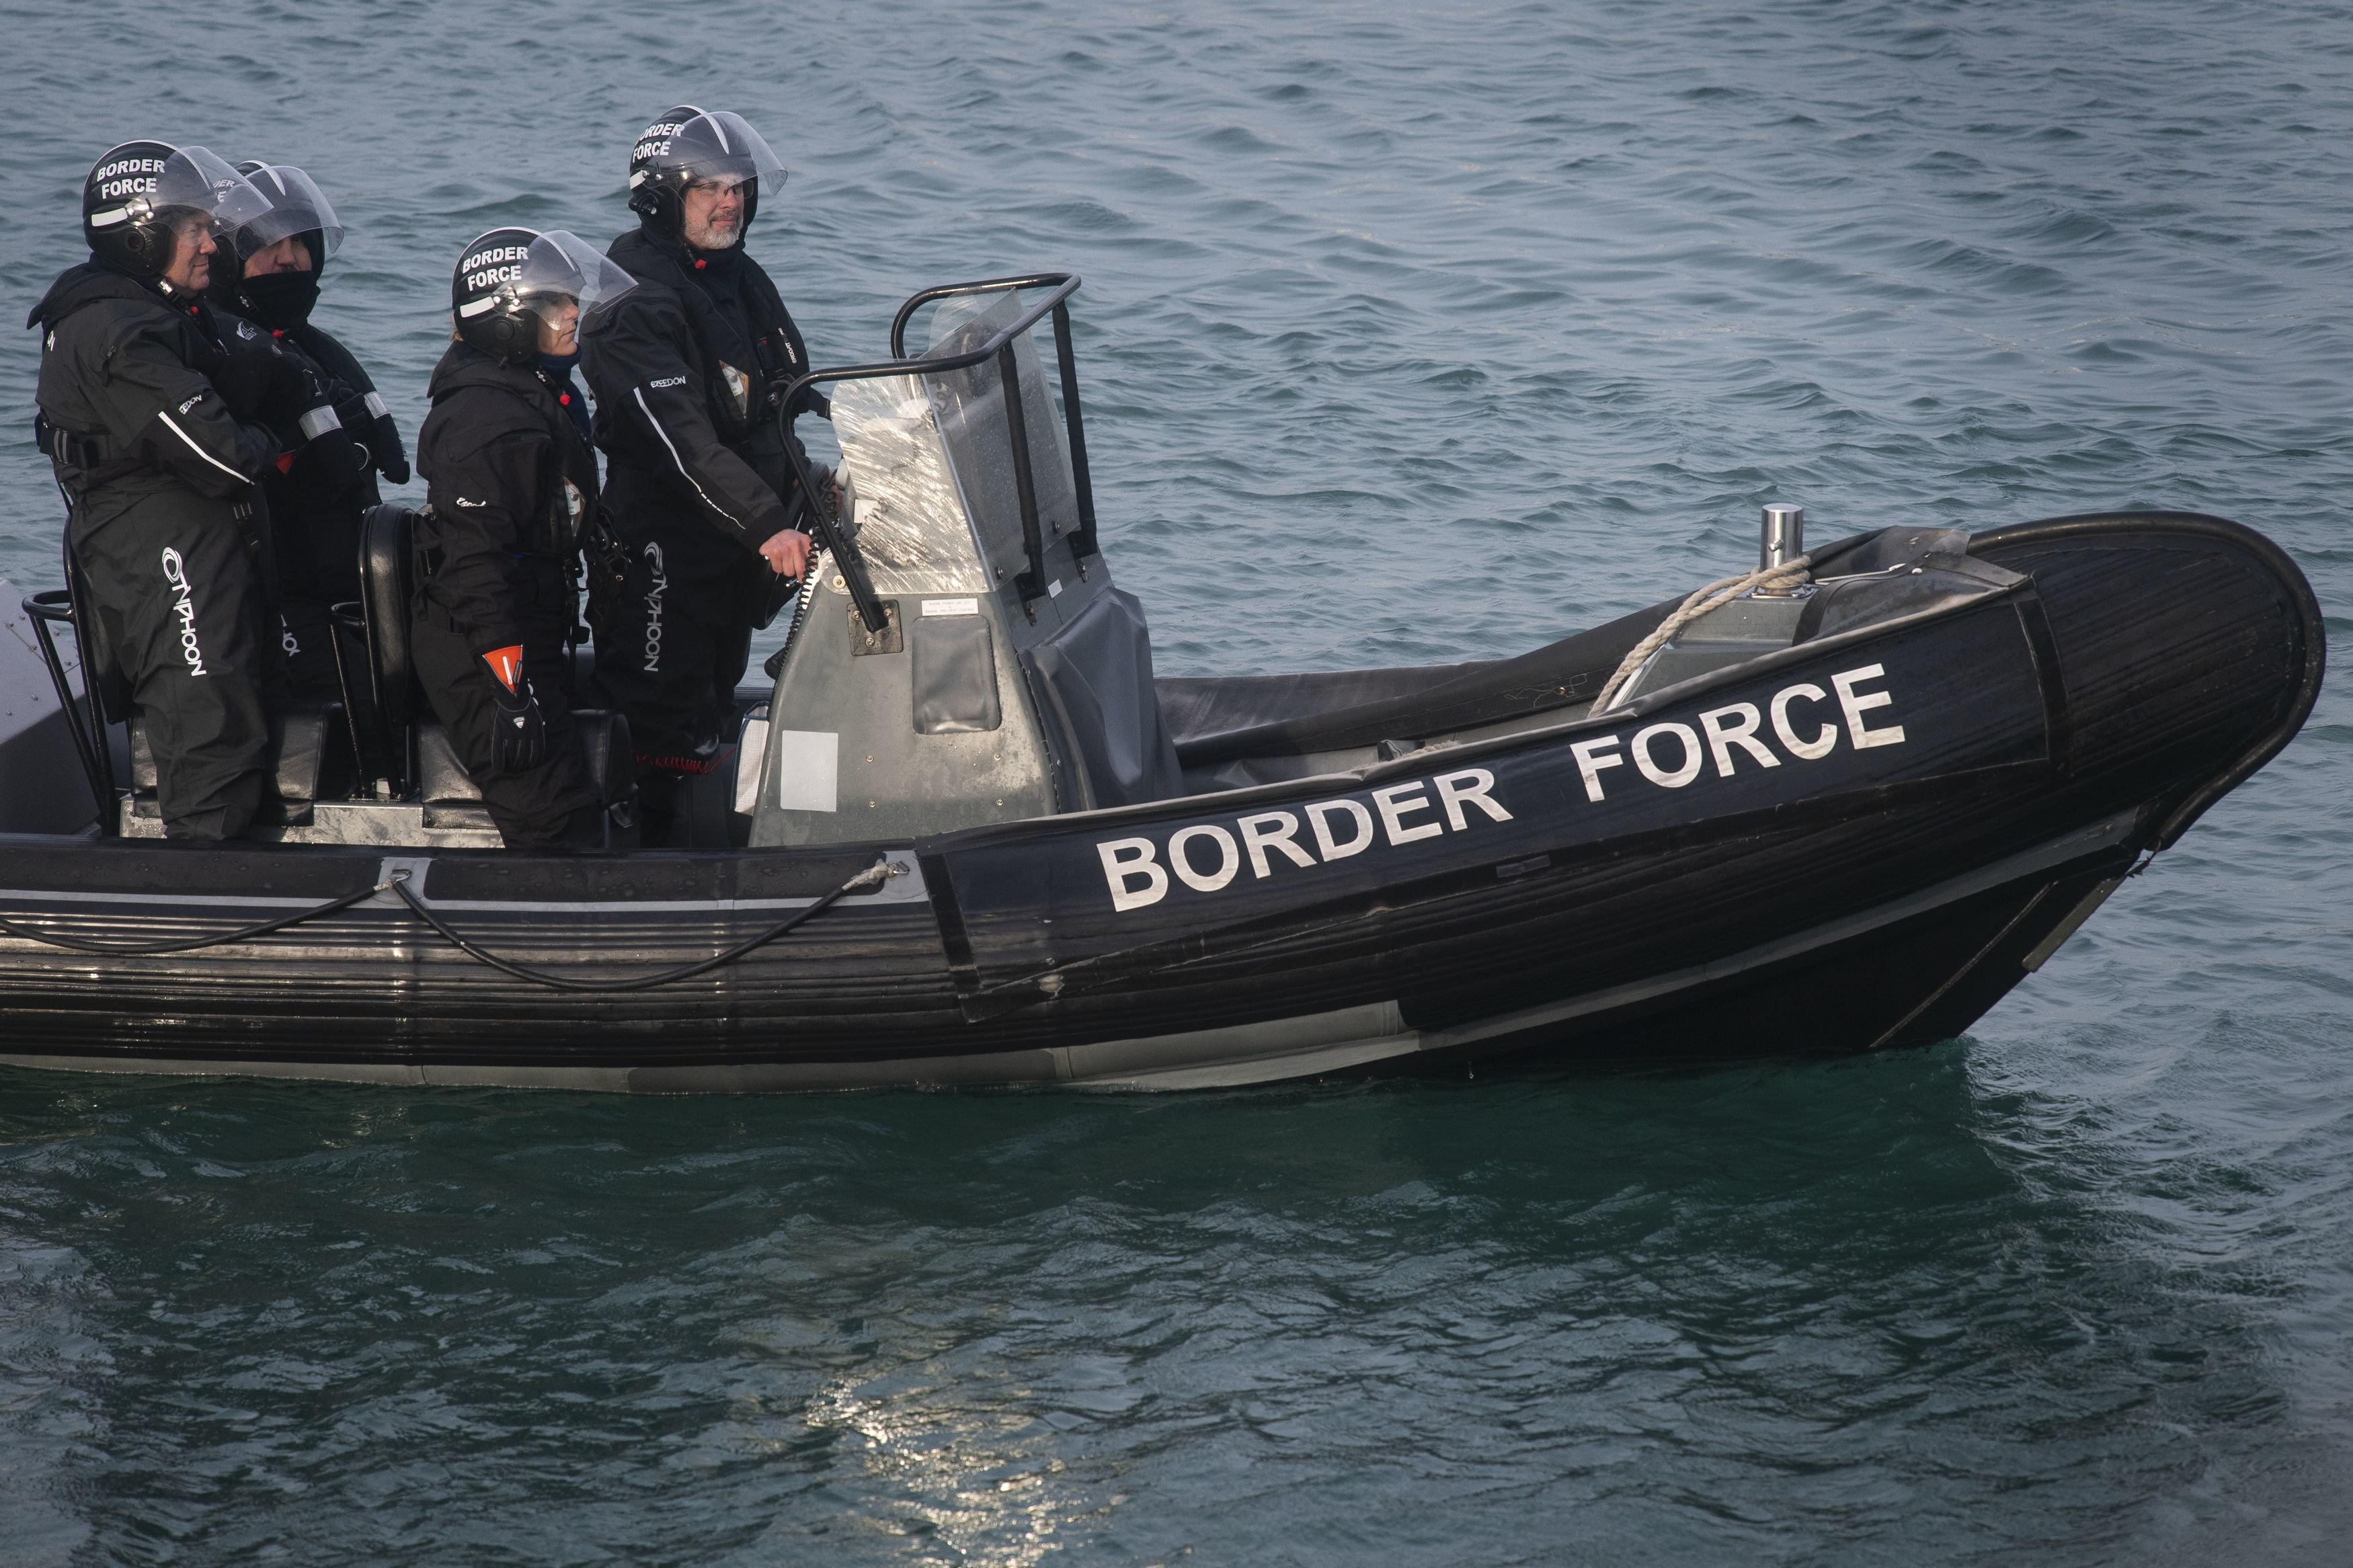 Mitglieder des Grenzschutzes patrouillieren im Hafen von Dover auf einem Schlauchboot.